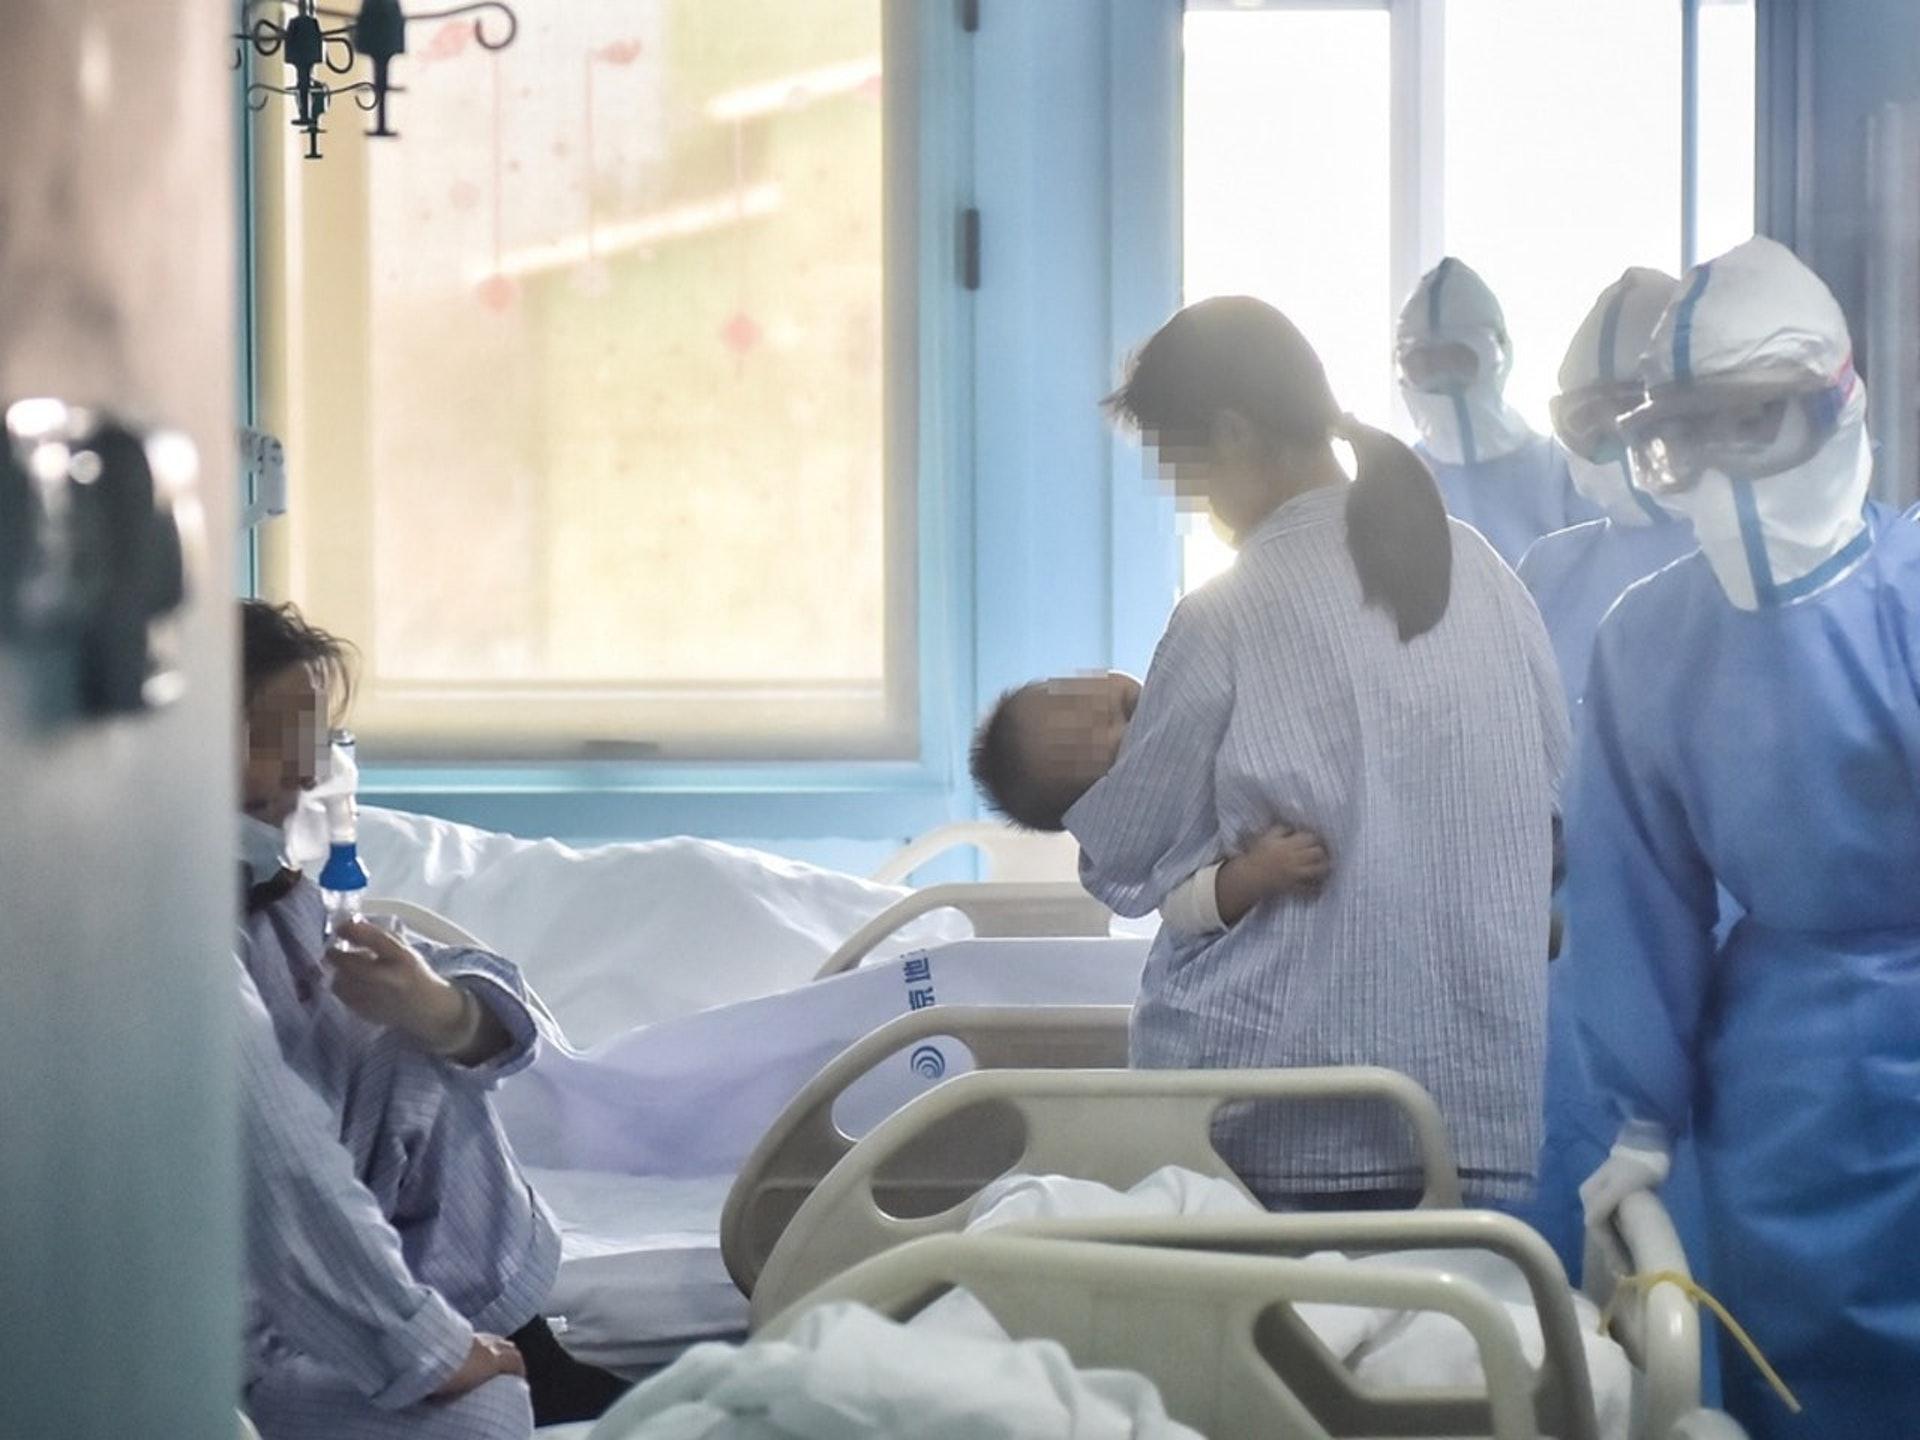 婴儿出生后仅30小时检测出冠状病毒阳性